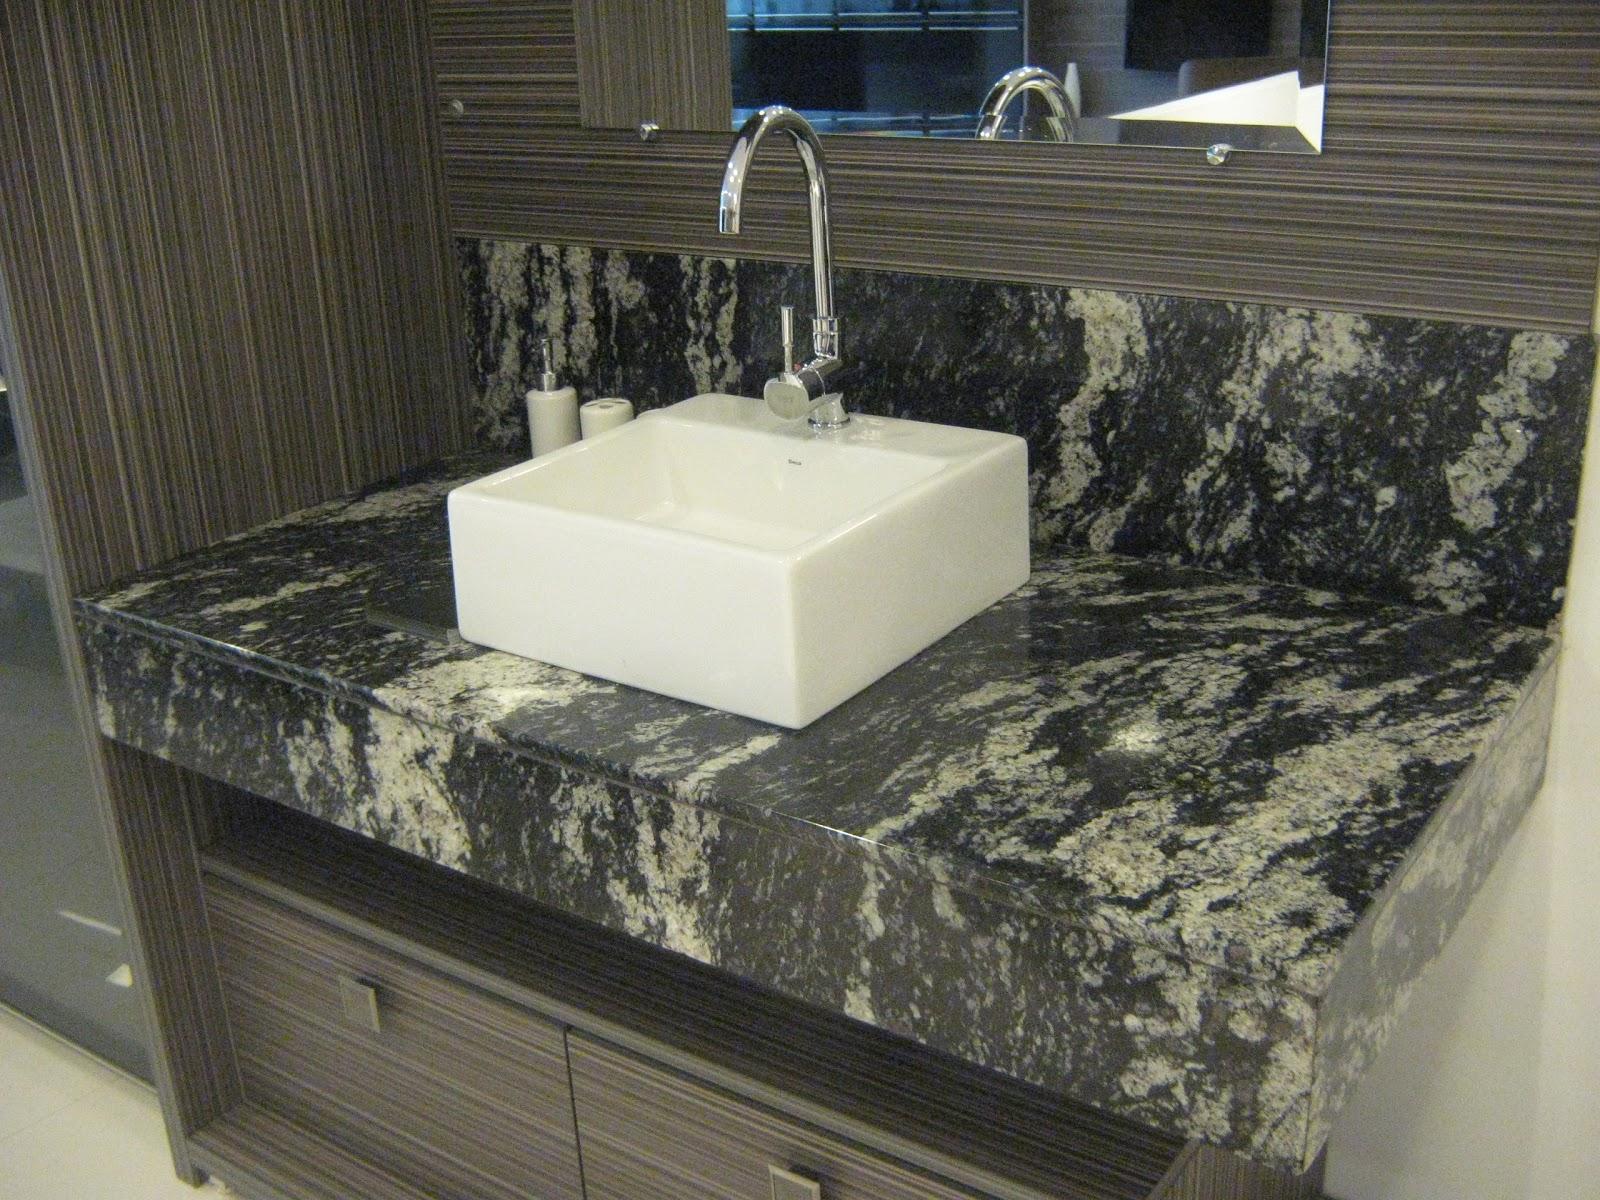 Pias de banheiro Granito Preto Indiano #495F71 1600 1200